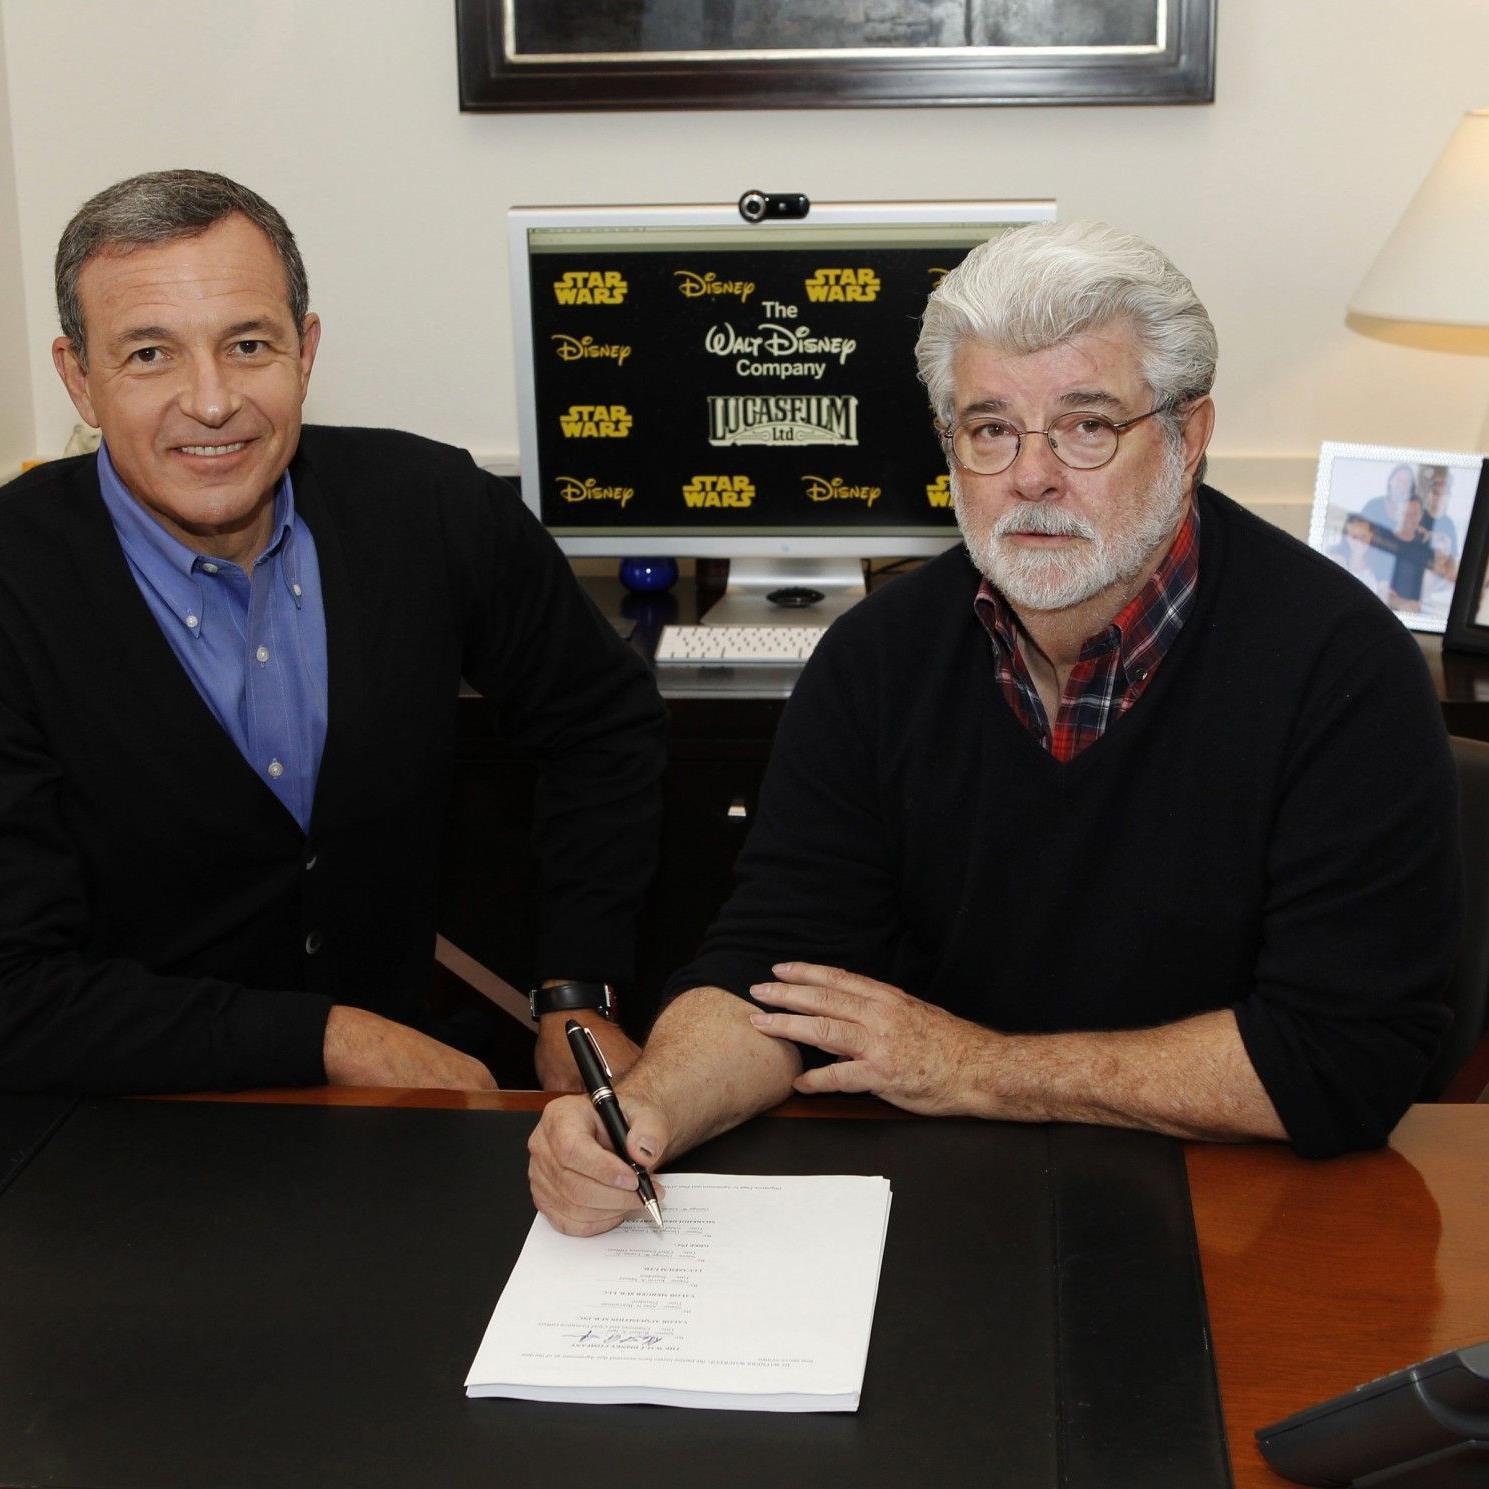 George Lucas' Unterschrift besiegelt am 30. Oktober 2012 die Übernahme.